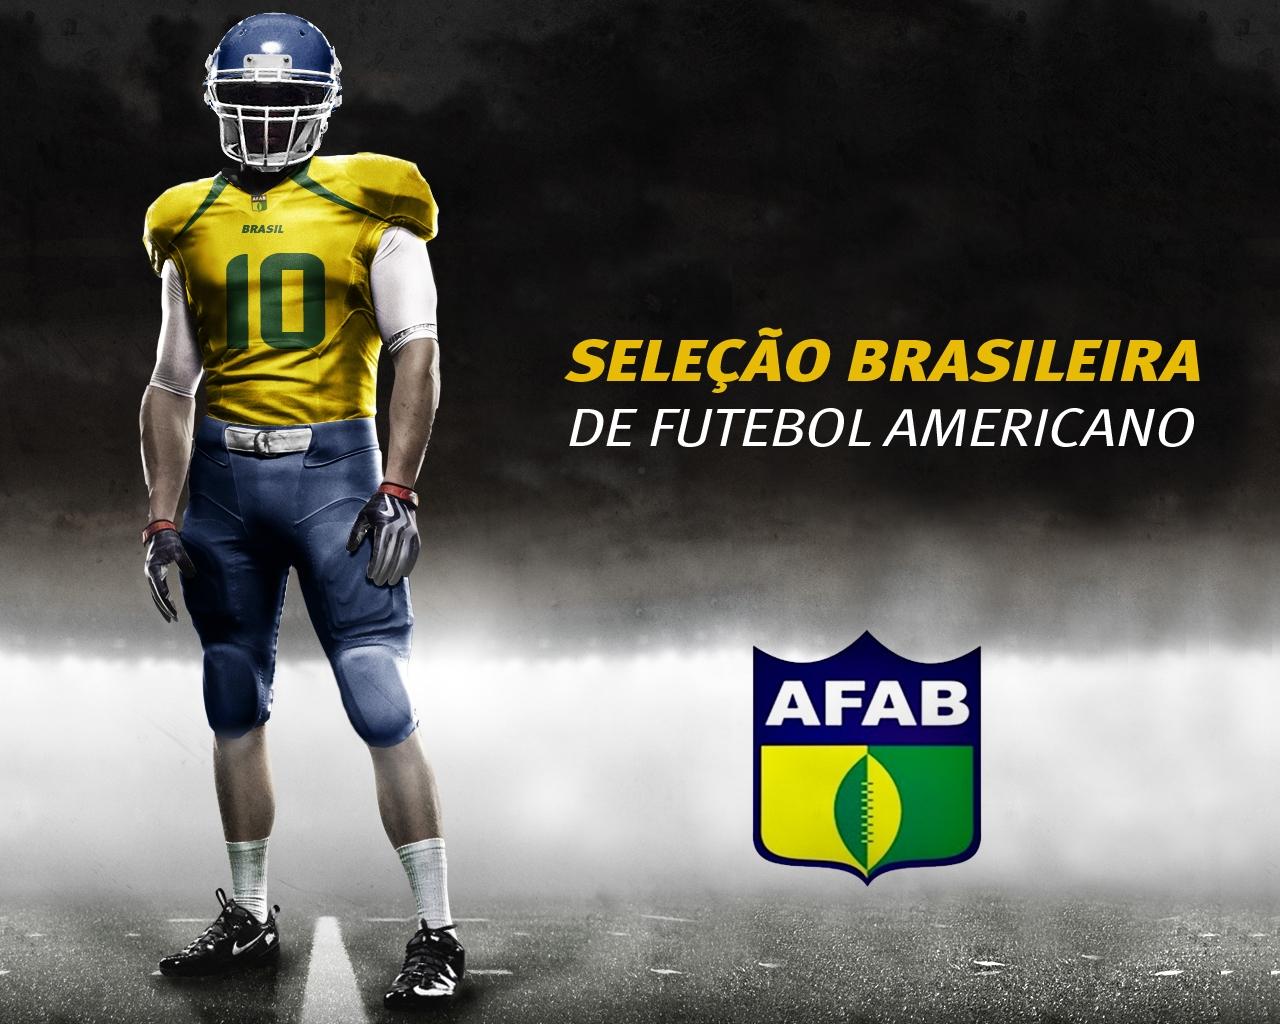 Seleção brasaileira